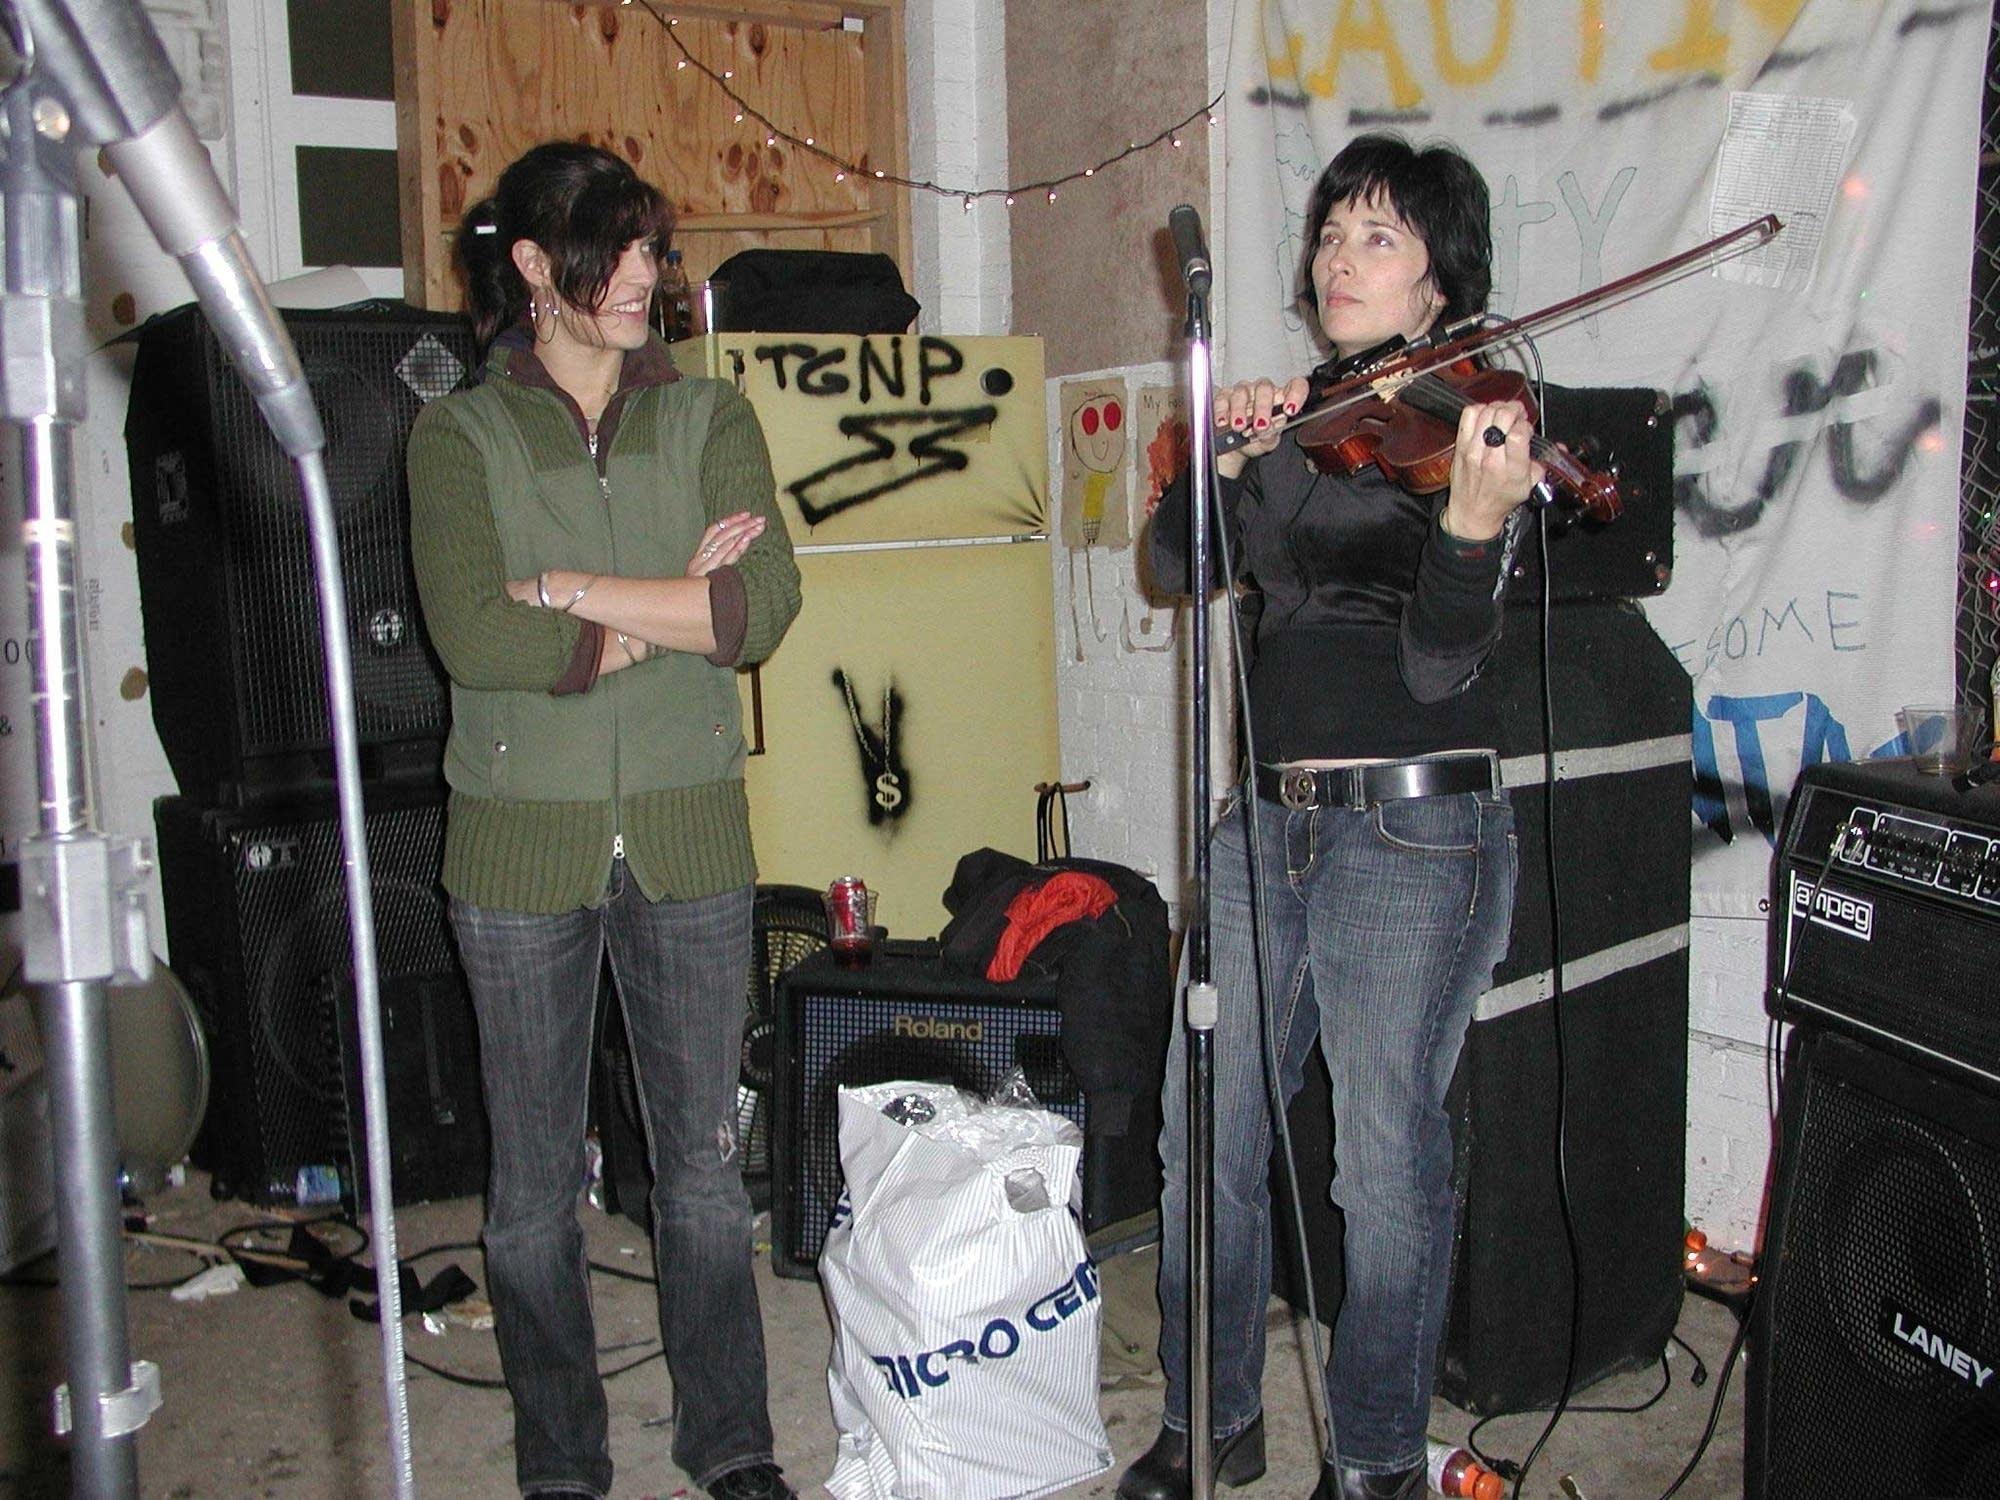 Guest musician